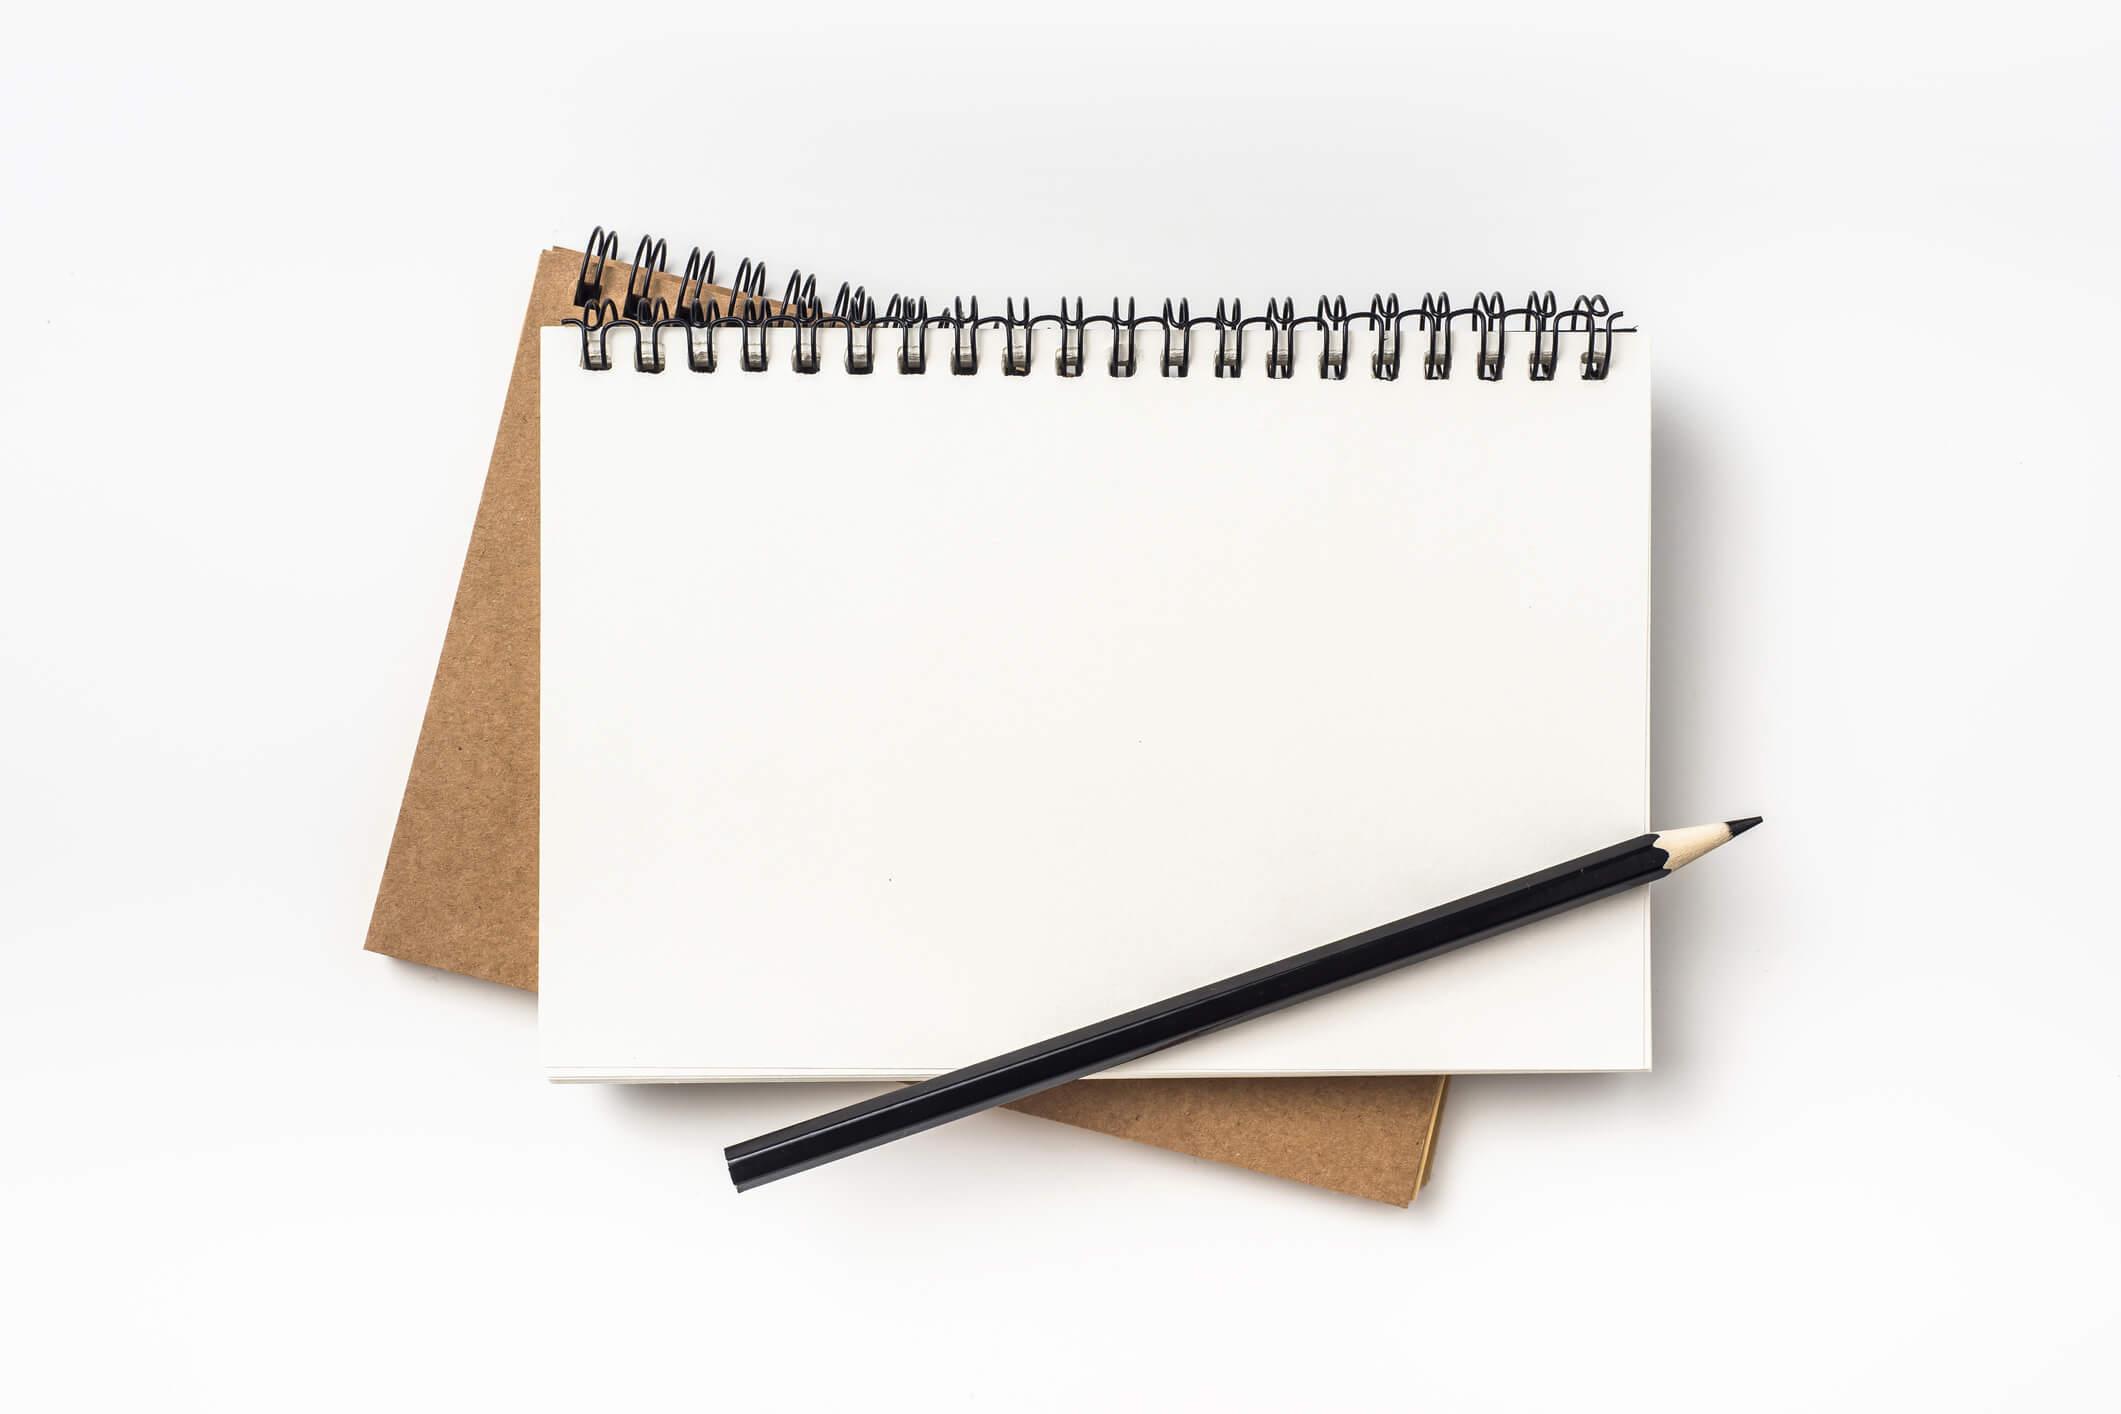 読まれるマニュアル作成・書き方のコツ